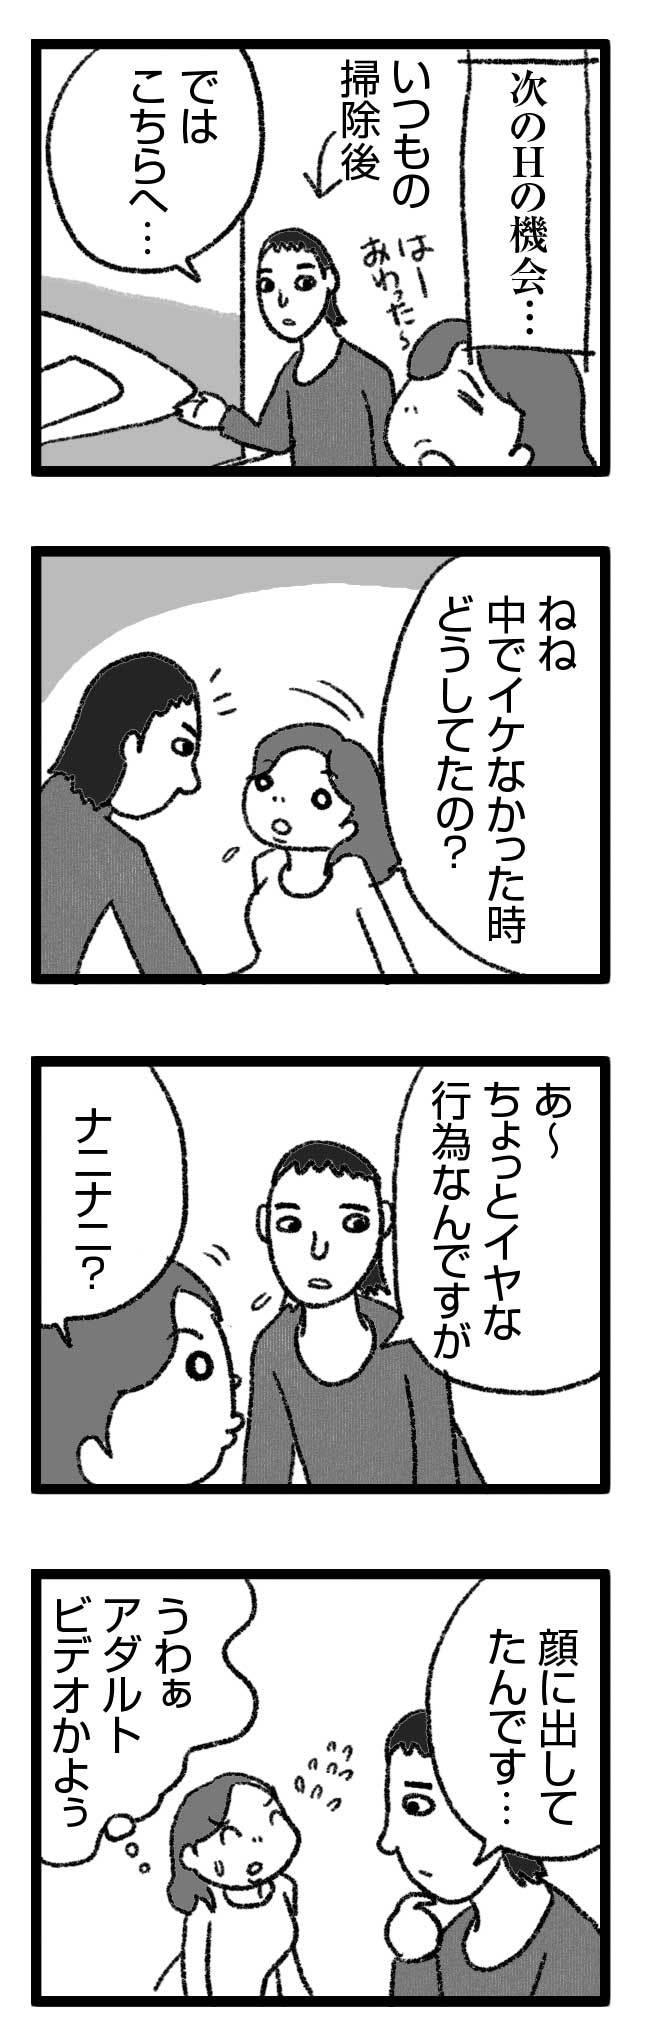 トラウマ克服?1 エッチ 昔 元 トラウマ 性生活 レス まんが 漫画 マンガ